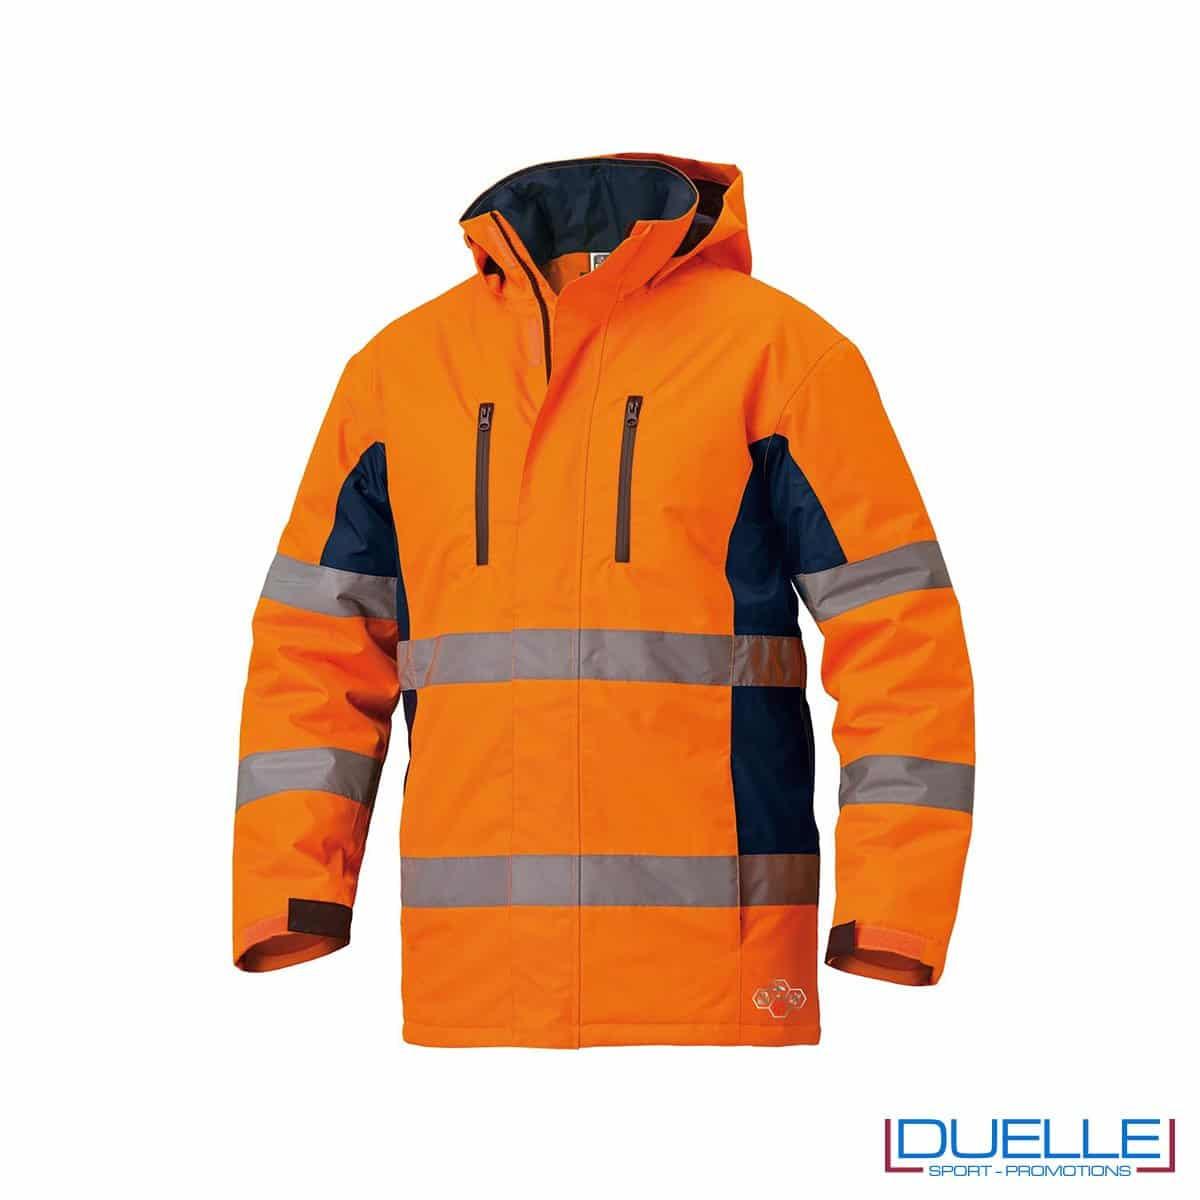 Giubbotto alta visibilità con logo aziendale in colore arancione